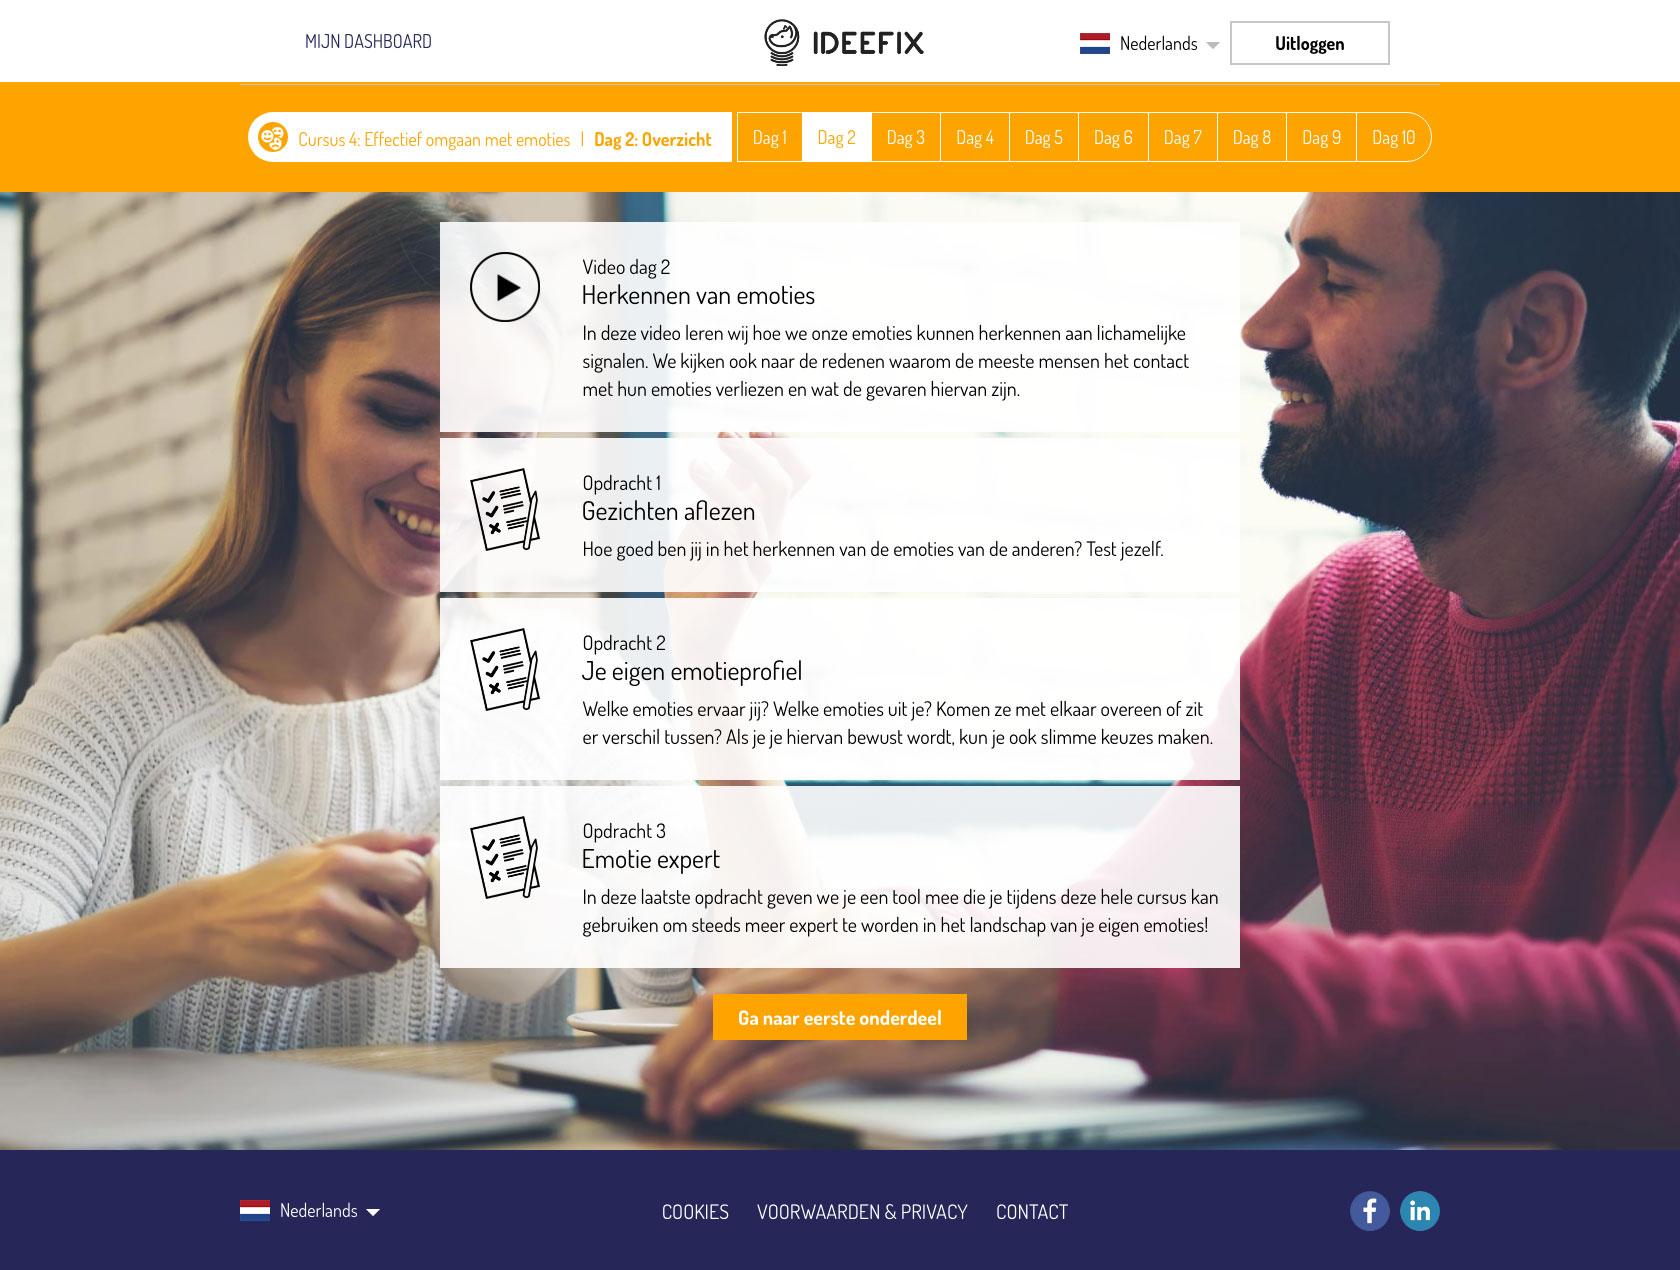 https://ideefix-cdn.s3.eu-central-1.amazonaws.com/module_screenshot/k9pDyOn8NmnbAIB2jh7K_picture.jpg